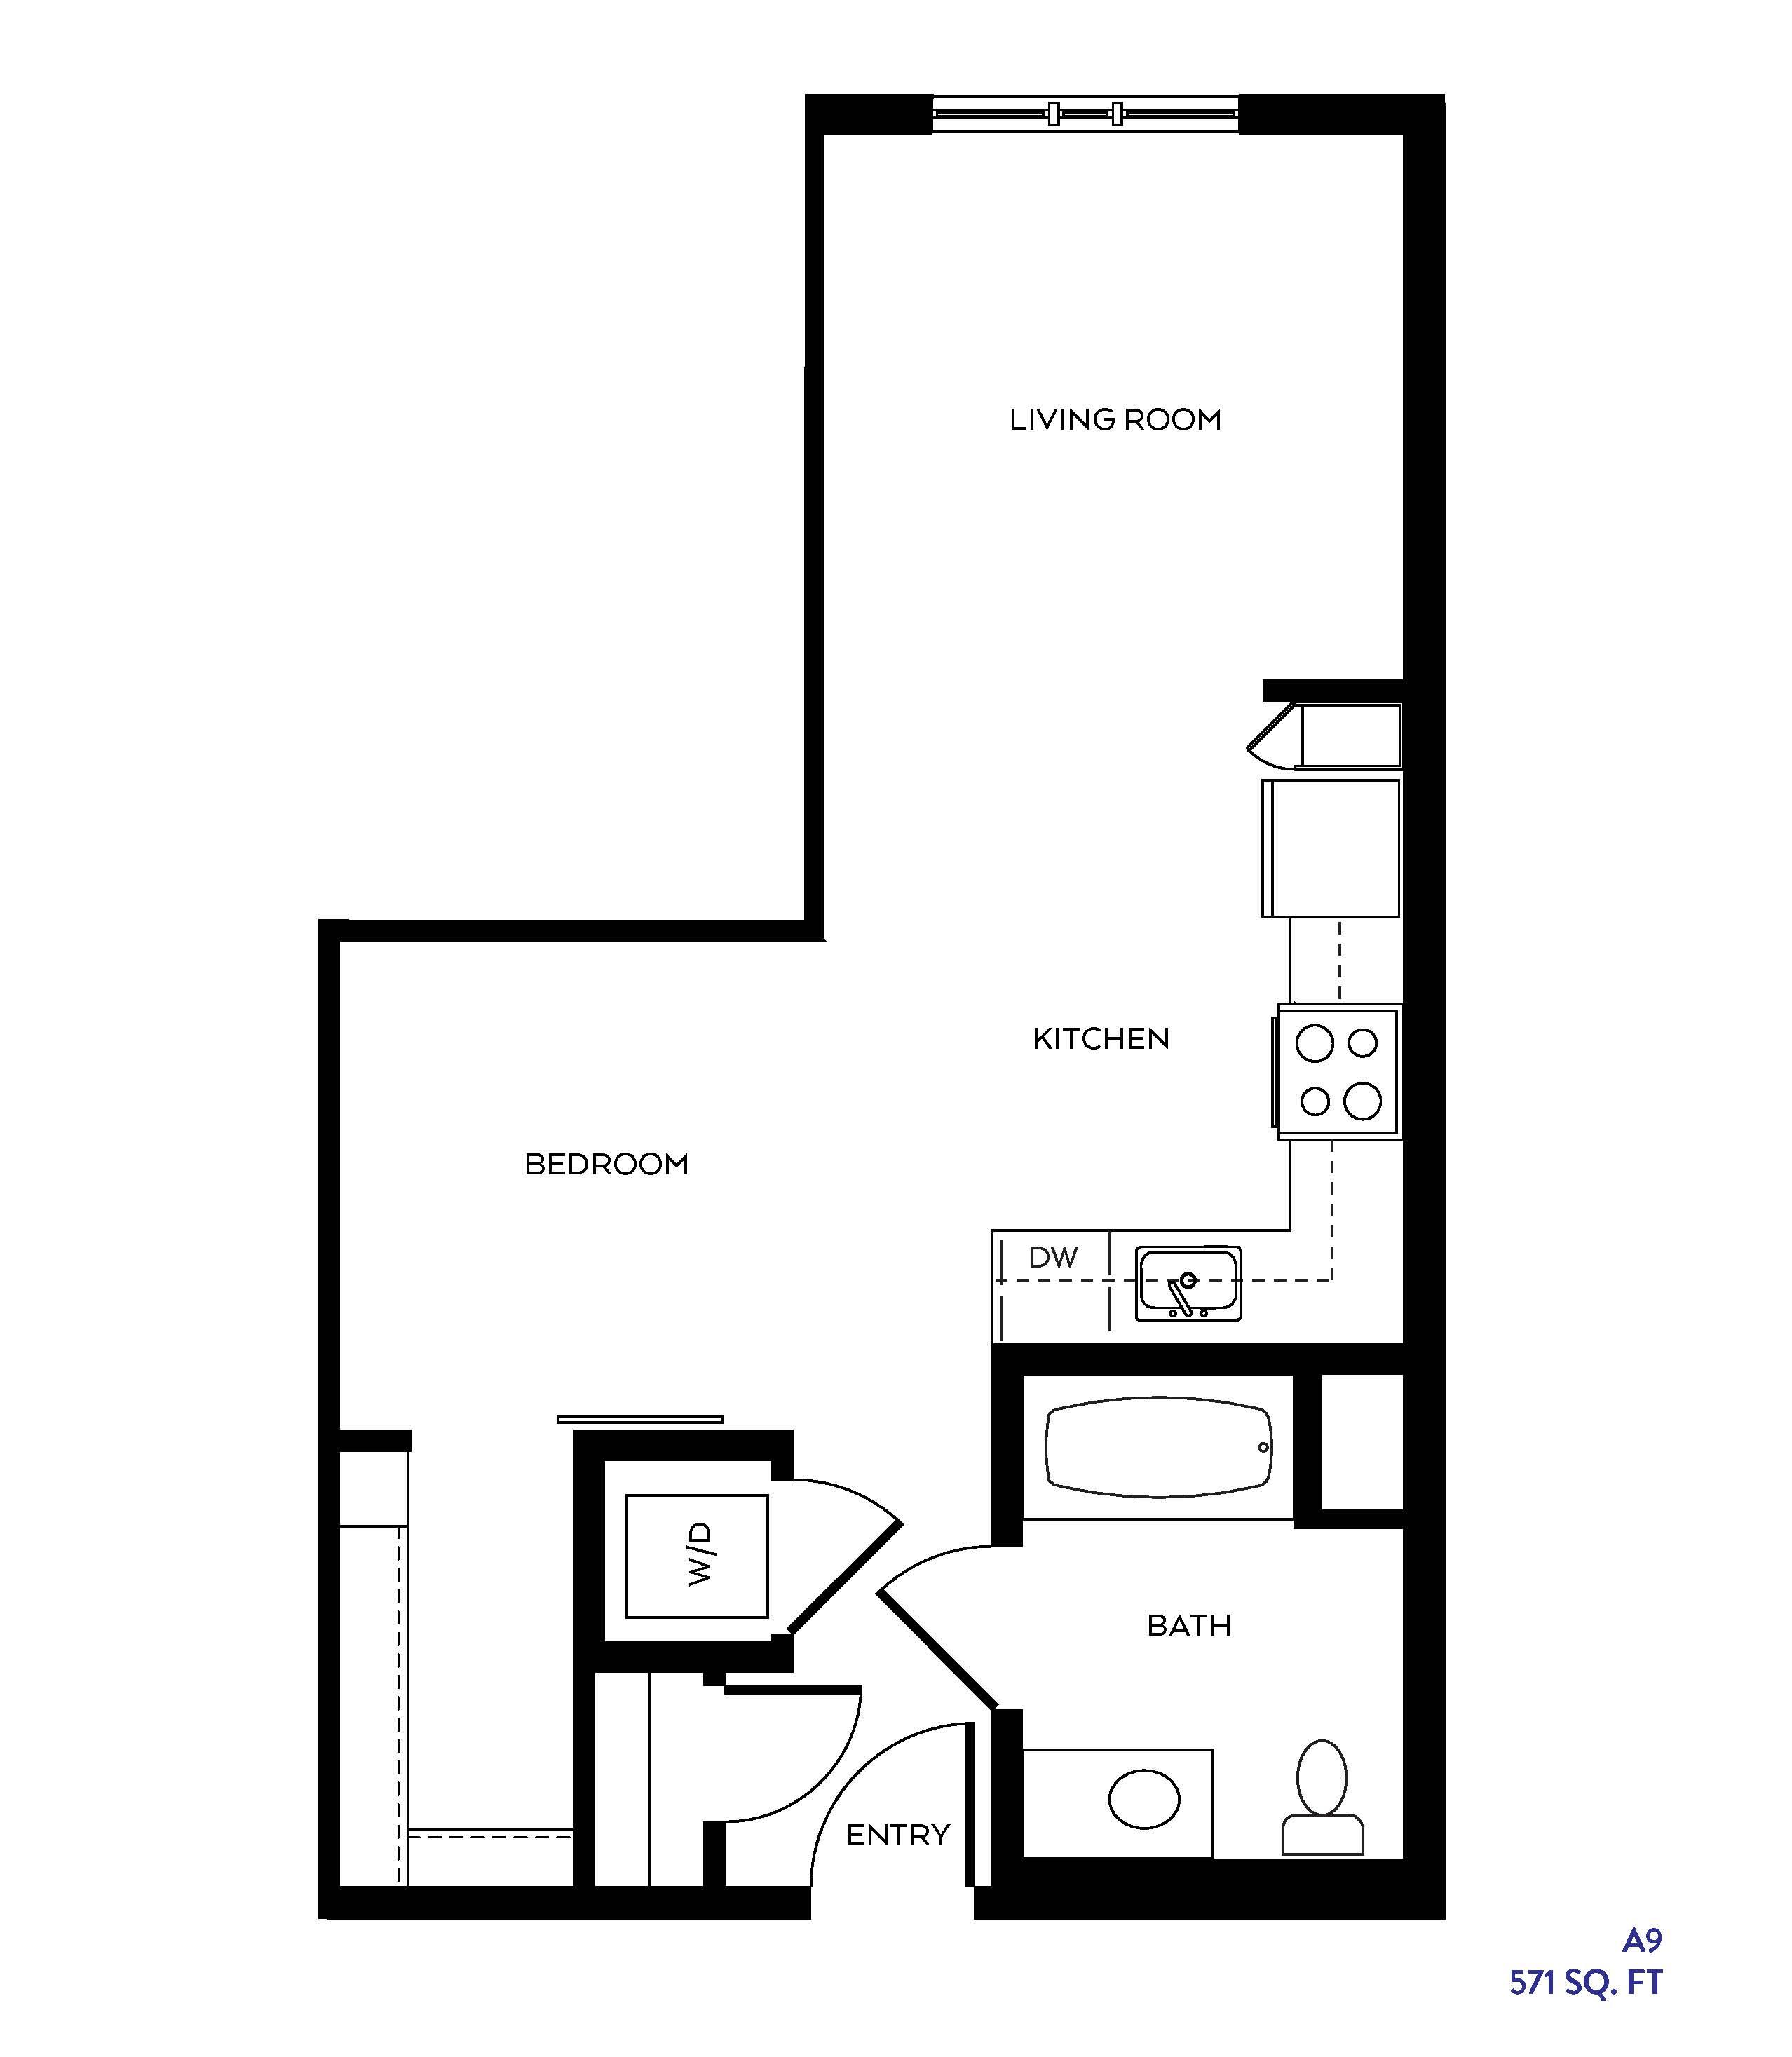 The S3 floor plan